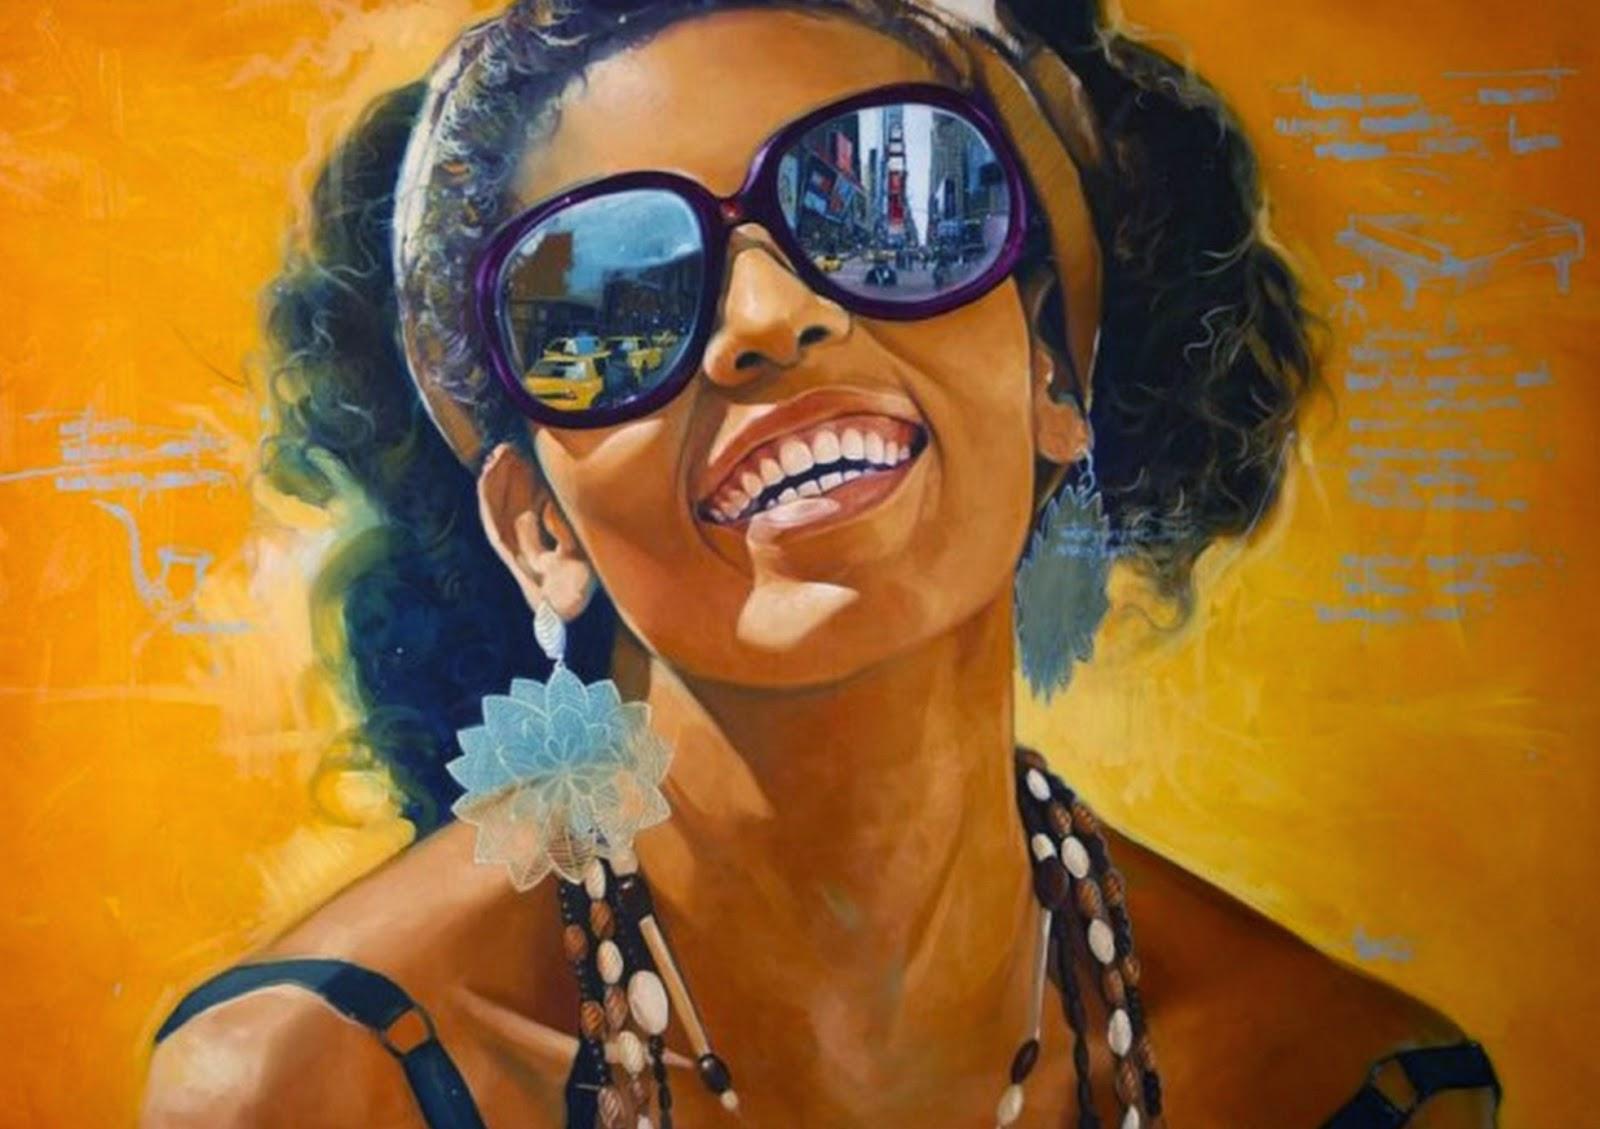 Im genes arte pinturas arte decorativo negras pintadas en cuadros al leo sobre lienzo - Pinturas de moda ...